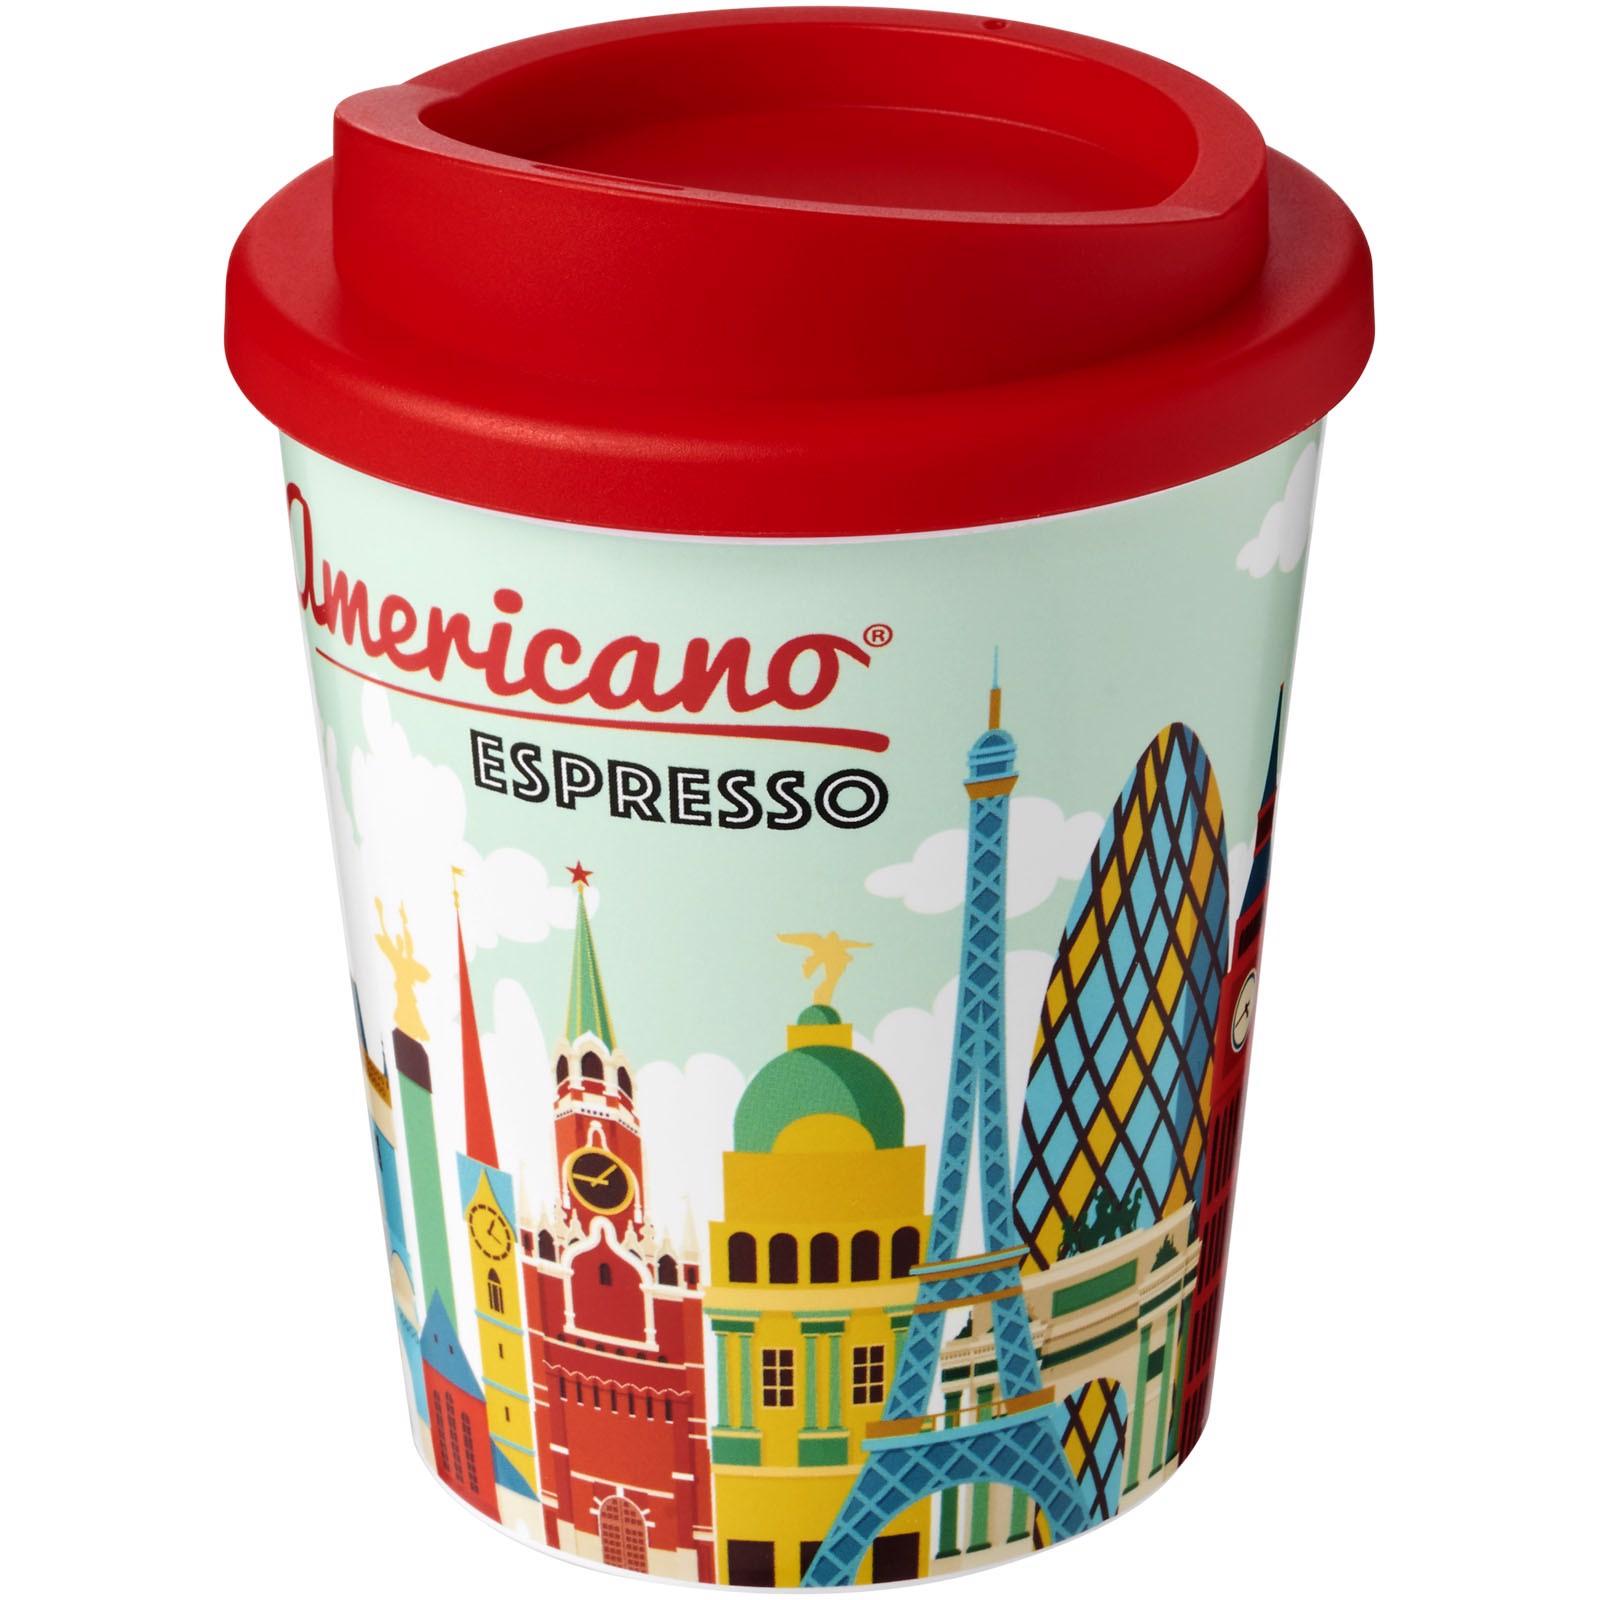 Termo hrnek Brite-Americano® espresso 250 ml - Červená s efektem námrazy